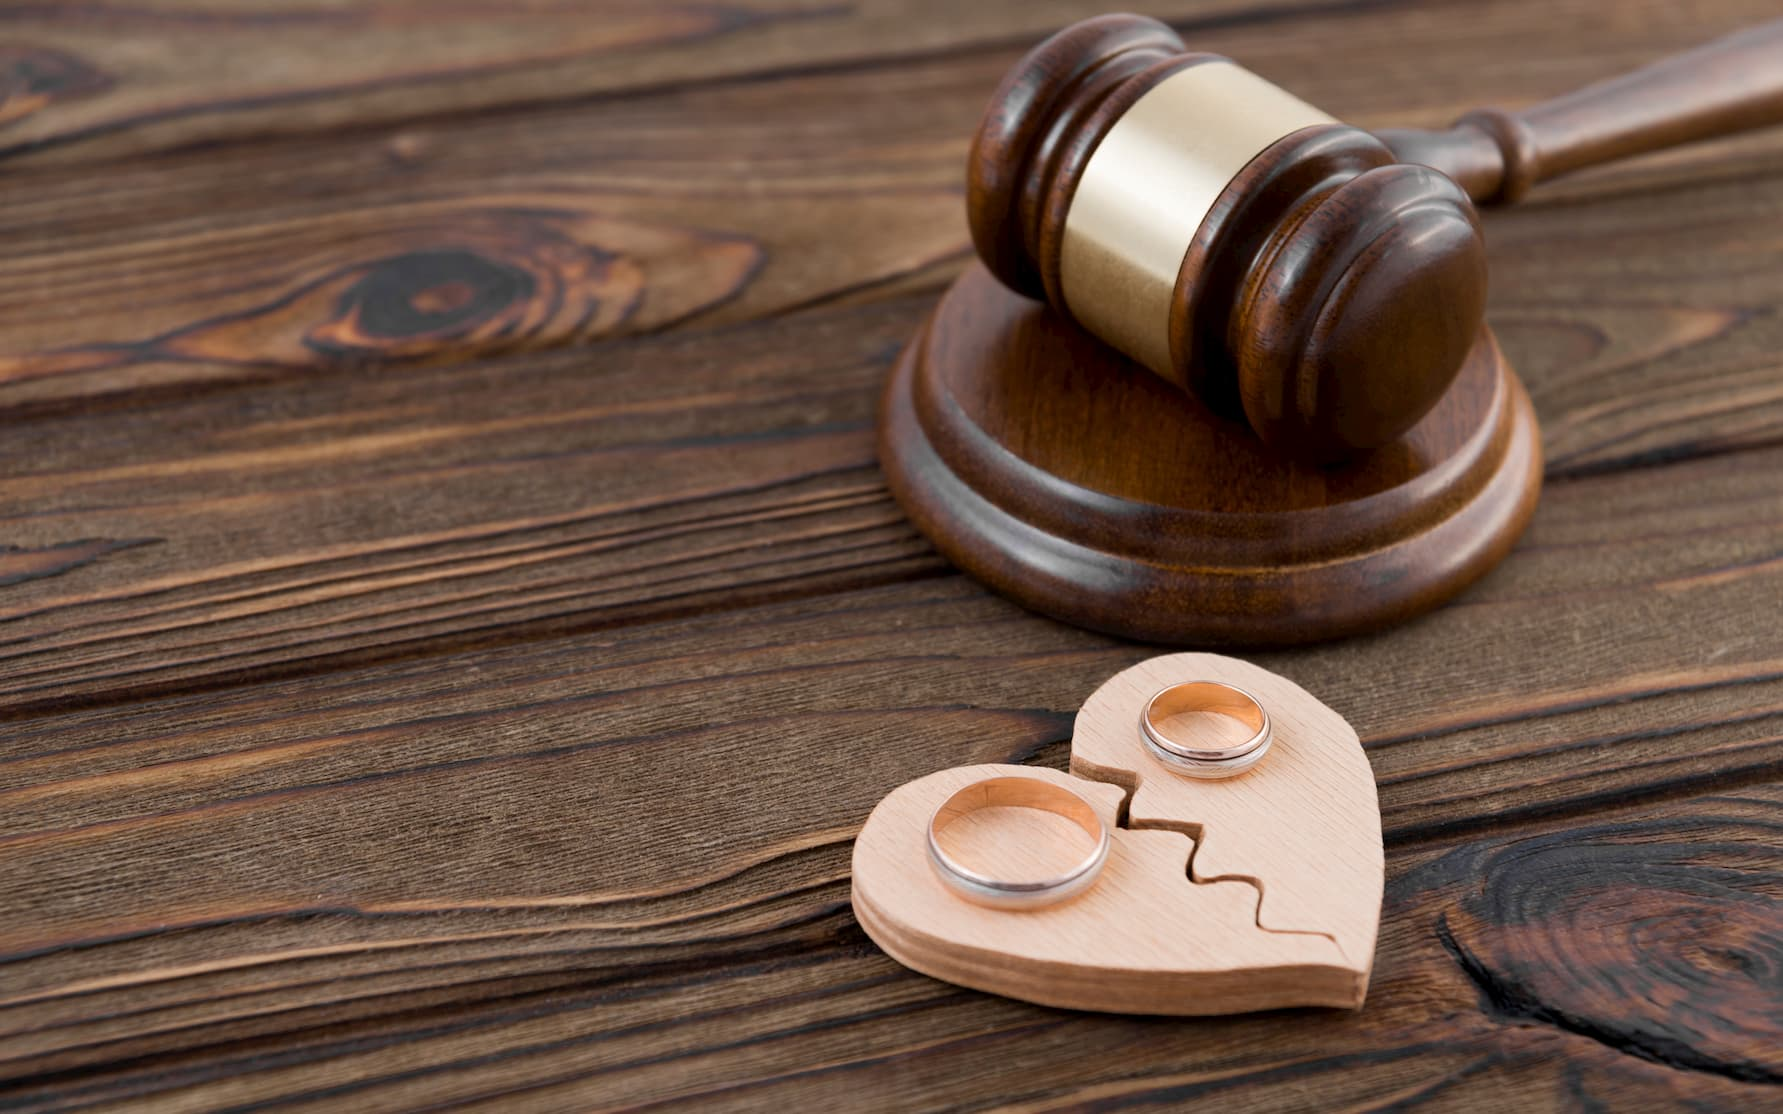 夫の風俗通いを理由に離婚できるのか